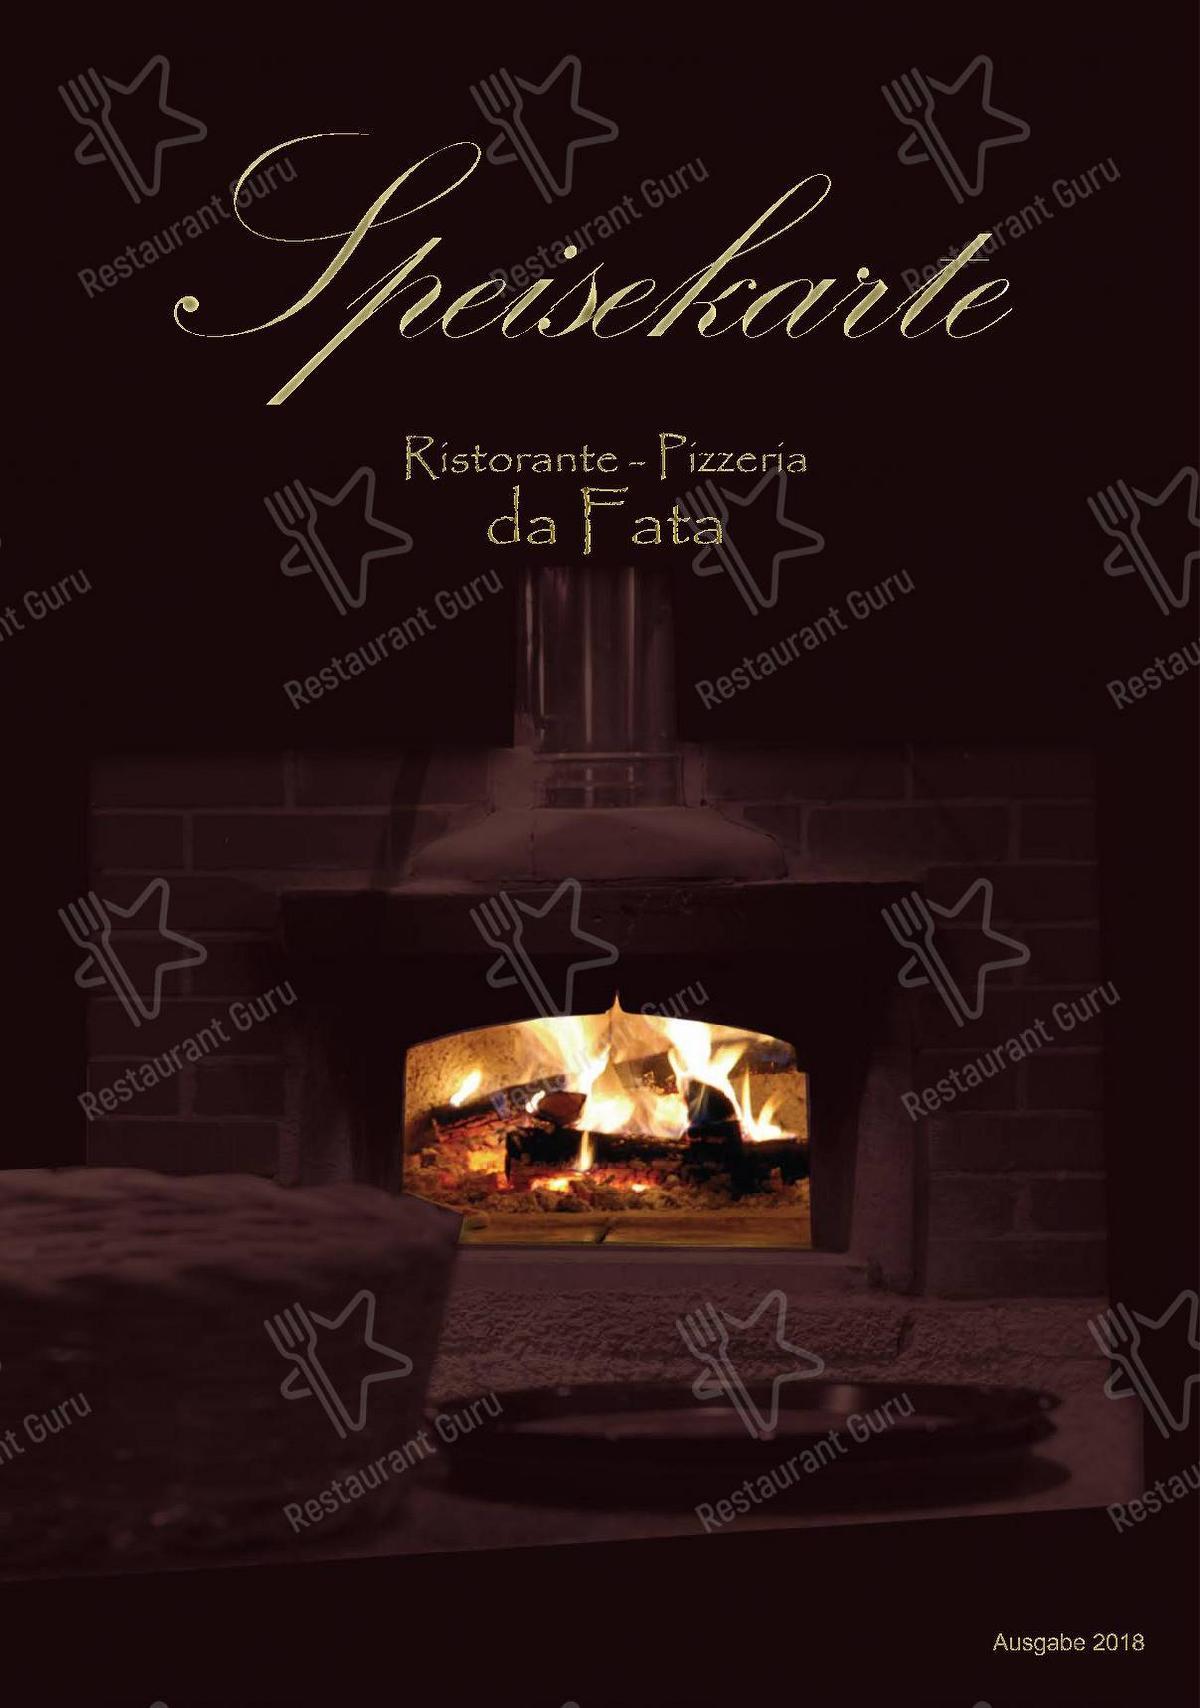 Check out the menu for Ristorante da Fata